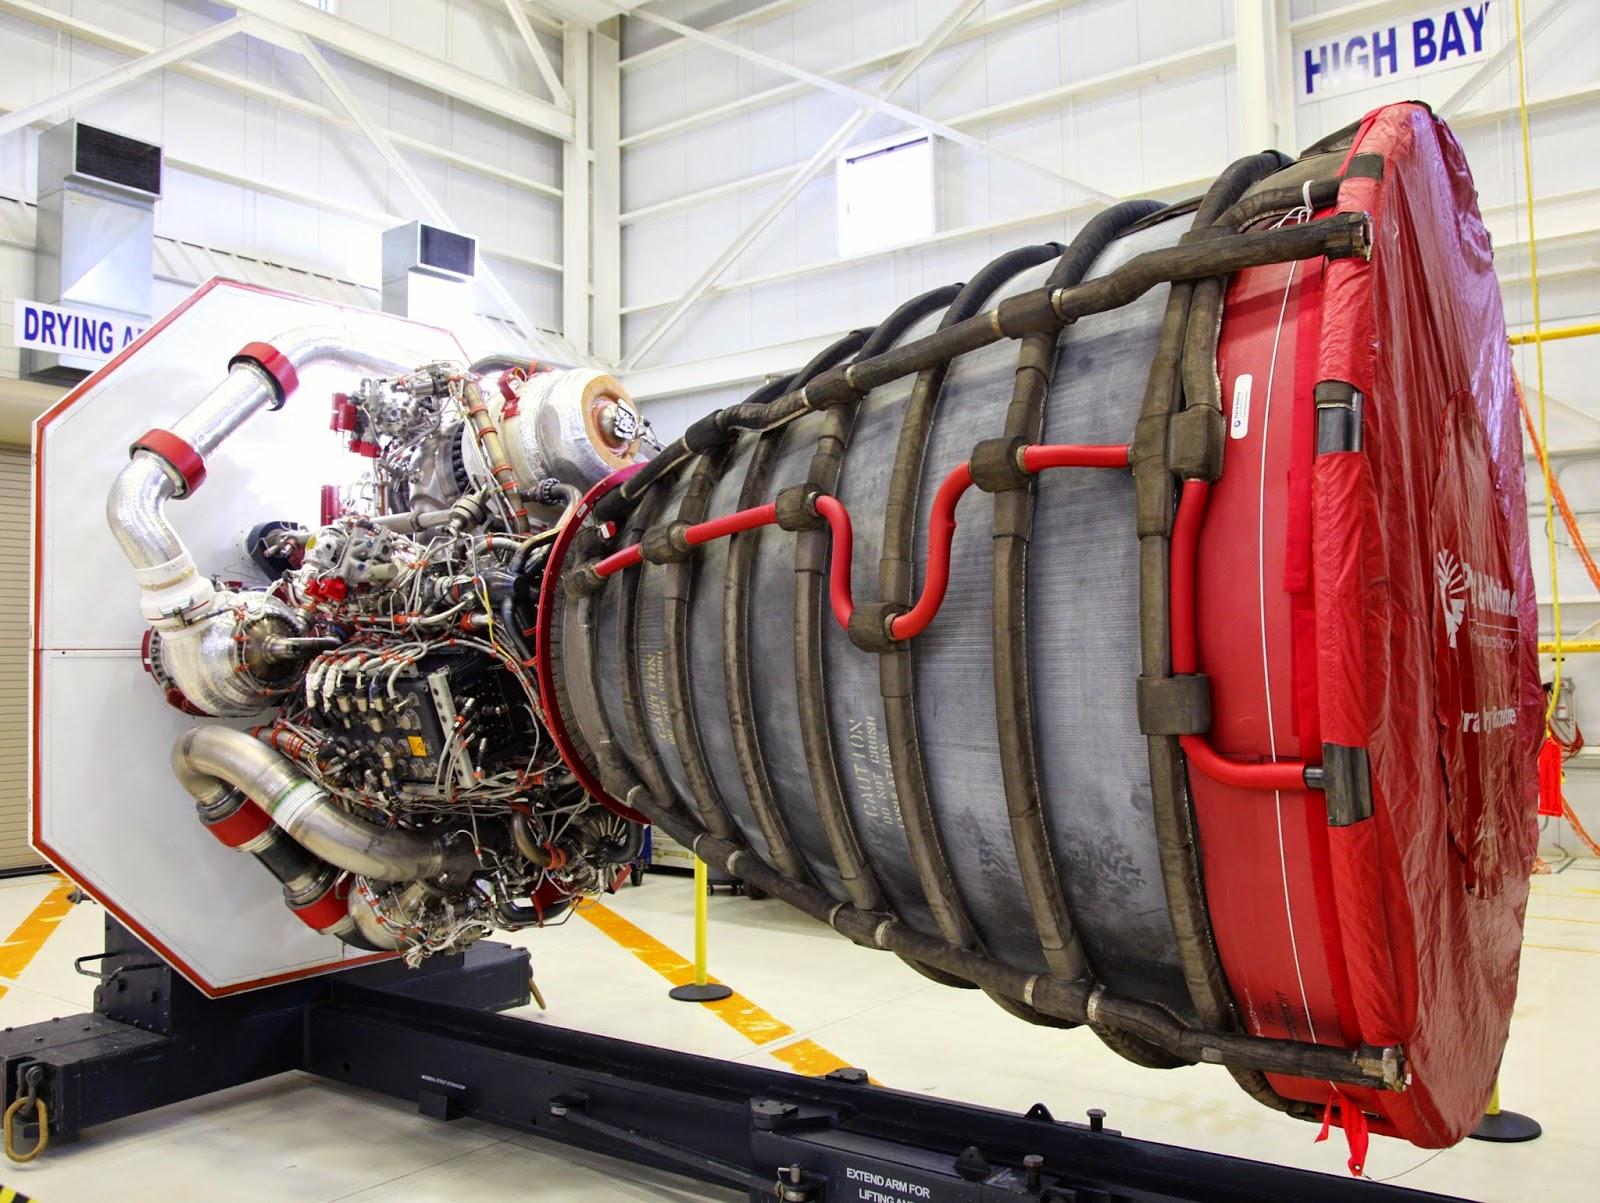 Suburban spaceman: NASA's New Mega-Rocket (SLS), Orion ...